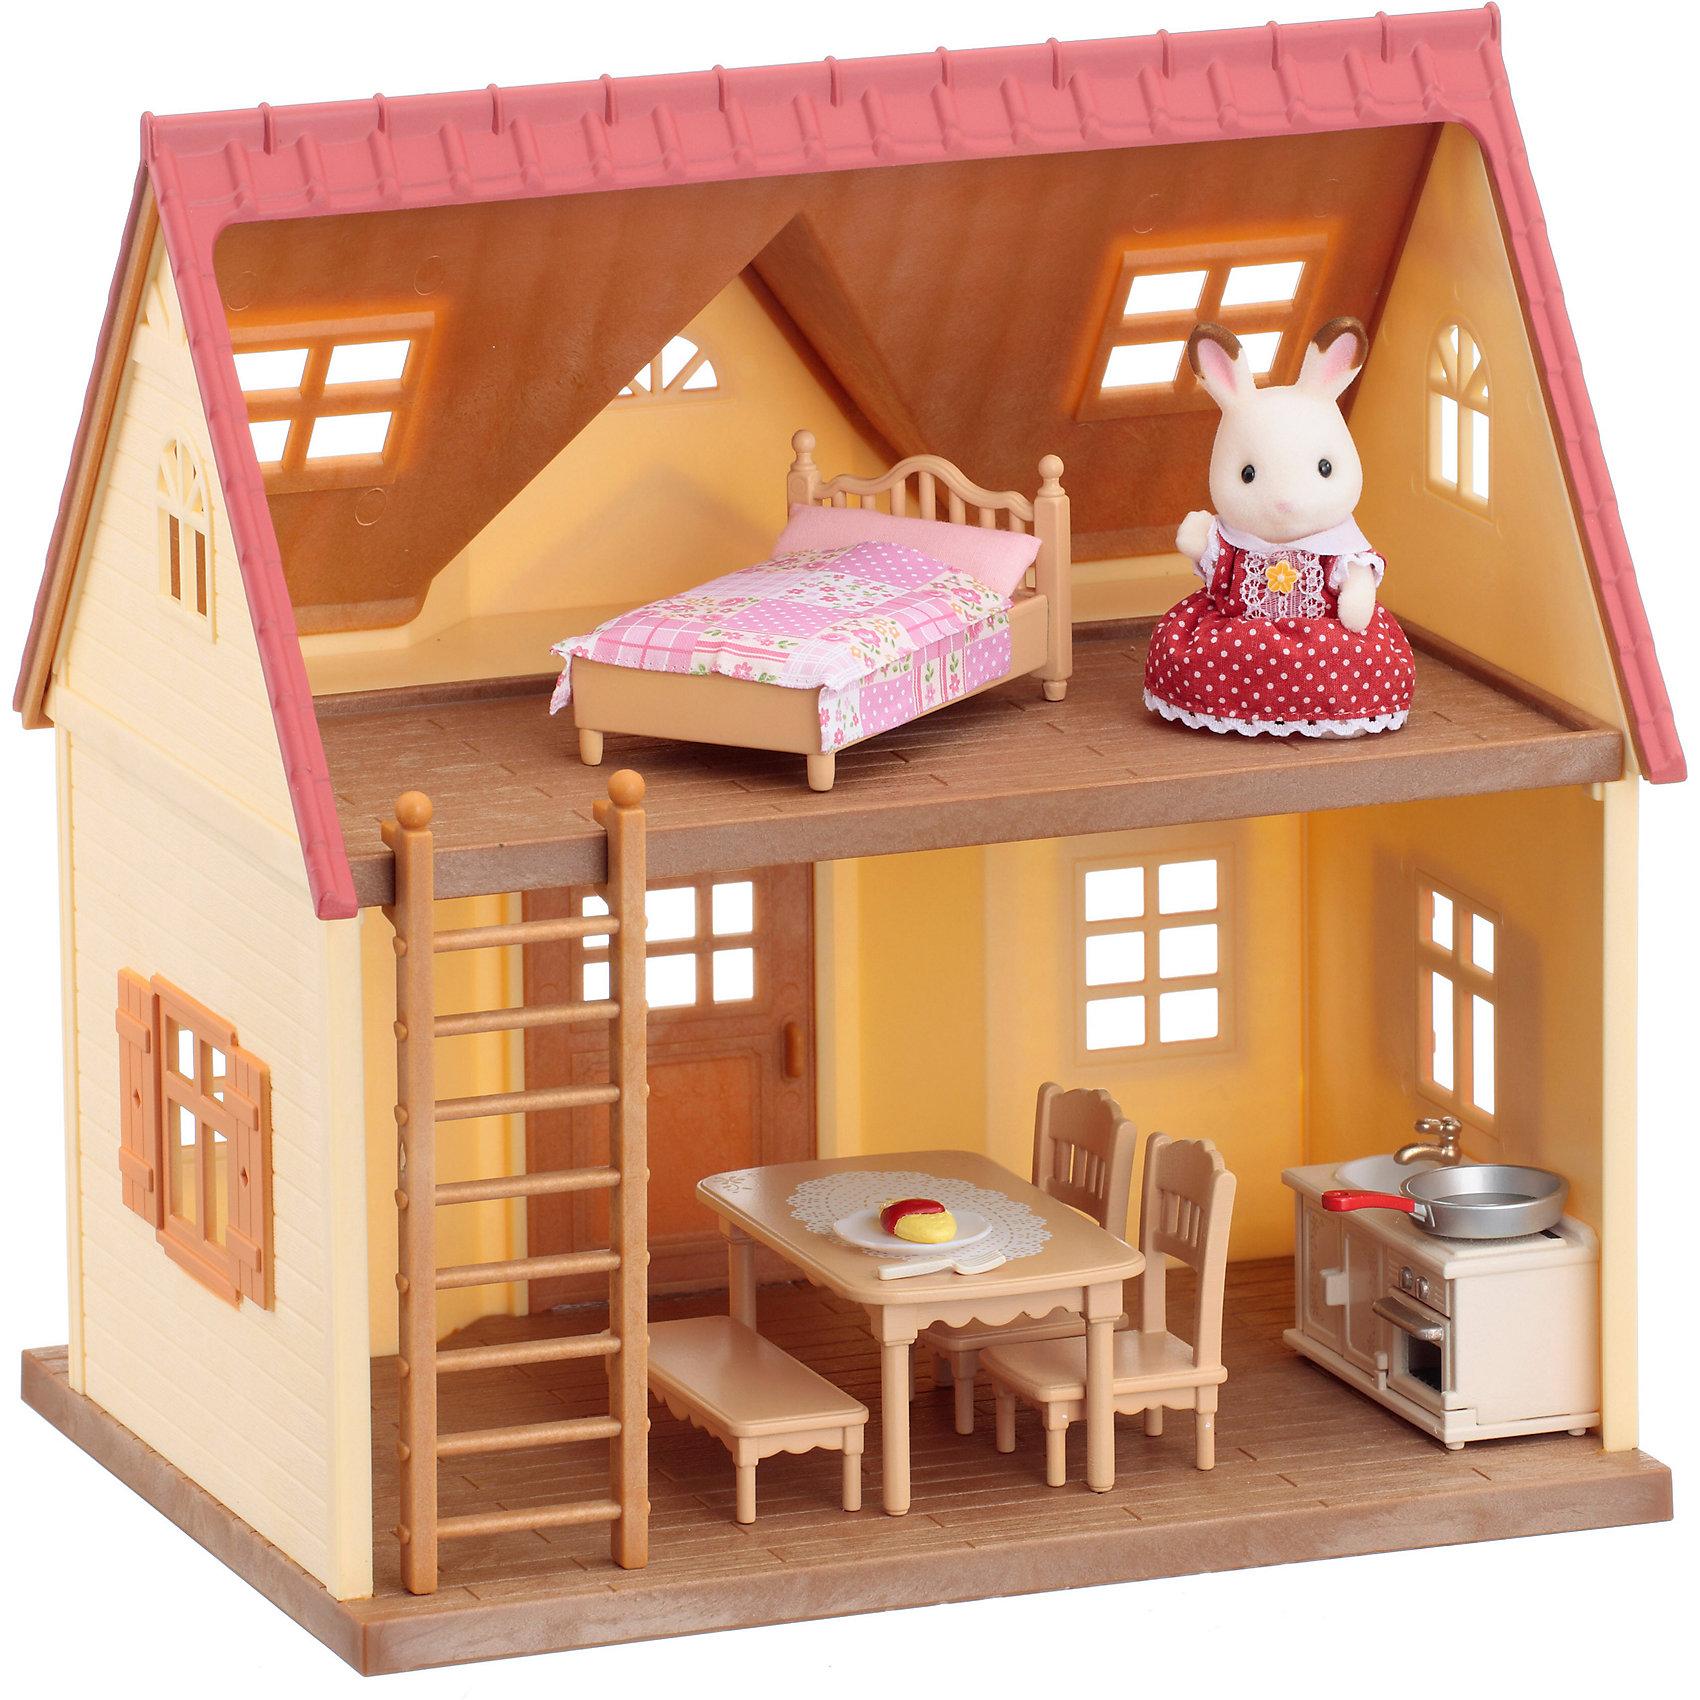 Набор Дом Марии, Sylvanian FamiliesSylvanian Families<br>Набор Дом Марии, Sylvanian Families (Сильваниан Фэмилис) - замечательный игровой набор, который надолго увлечет Вашего ребенка. Уютный двухэтажный домик, в котором живет симпатичная крольчиха, идеально подходит для разнообразных сюжетно-ролевых игр, которые так любят девочки. На первом этаже домика можно расположить кухню и обеденный зал. Просторное помещение хорошо освещается благодаря окошкам, входная дверь открывается. Приставная лестница ведет на второй этаж. Здесь находится спальня с удобной кроваткой, застеленной розовым постельным бельем. При желании двухэтажный домик можно превратить в одноэтажный, увеличив при этом его площадь. Для этого снимите пол второго этажа и удлините им пол первого. В комплект входят двухэтажный домик, фигурка крольчихи, кухонный гарнитур, стол и стулья, кровать, аксессуары. Разнообразная мебель и другие детали набора позволят создать уютную атмосферу в домике симпатичных лесных обитателей. Фигурка крольчихи из качественного пластика покрыта приятным на ощупь мягким флоком. У нее подвижная голова, ручки и ножки.<br><br>Sylvanian Families (Сильваниан Фэмилис) - это целая серия игровых наборов и забавных зверюшек, которые объединены общим сюжетом: лесные обитатели живут большими семьями в своих домиках, в каждой семье есть родители и дети. Из деталей разных наборов можно собрать целый городок, в котором будут школы, магазины, детские сады, больницы, рынок и многое другое. Набор прекрасно подходит для сюжетно-ролевых игр, развивает мелкую моторику, фантазию, мышление и воображение. <br><br>Дополнительная информация:<br><br>- В комплекте: двухэтажный дом со спальней и кухней, фигурка кролика, лестница, кухонный гарнитур (стойка с раковиной, плита), стол, 2 стула, кровать с постельным бельем, аксессуары (сковорода, разделочная доска, нож, тарелка с едой). <br>- Материал: пластик, флок, текстиль.<br>- Высота фигурки: 7,5 см.<br>- Размер дома: 20 х 26 х 28 см. <br>- Размер упаковки: 2